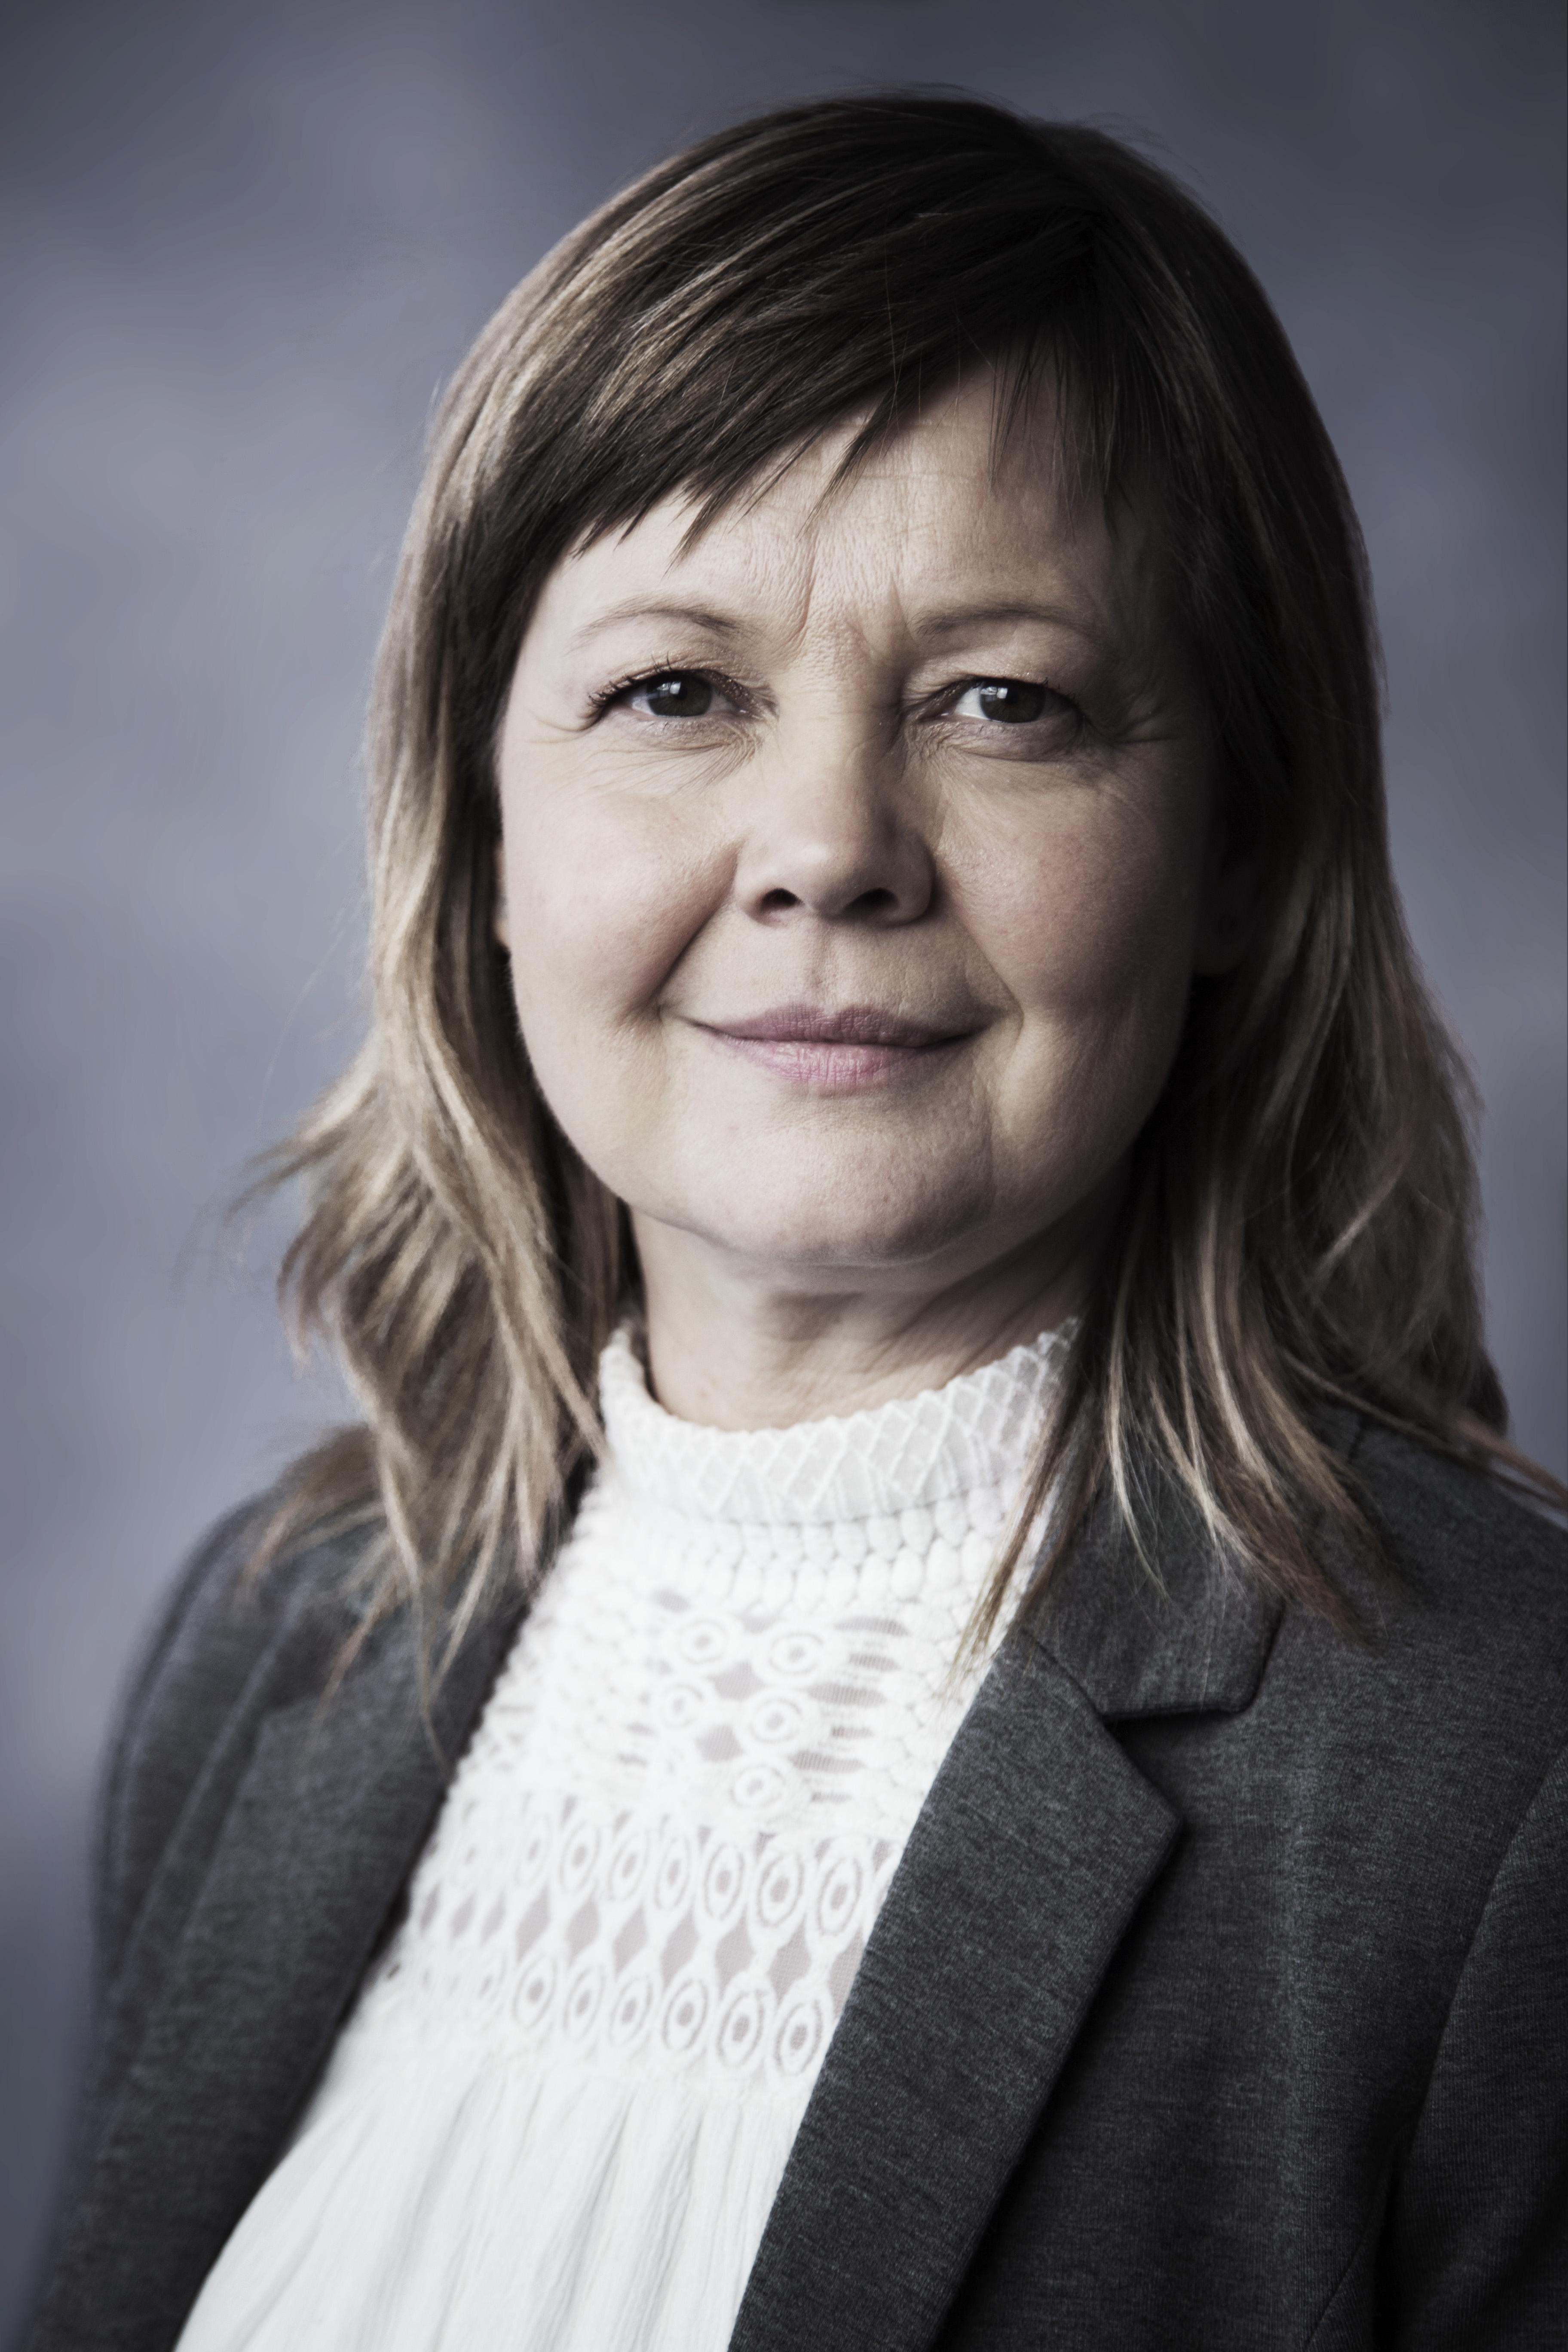 Cecilie Stenbrenden